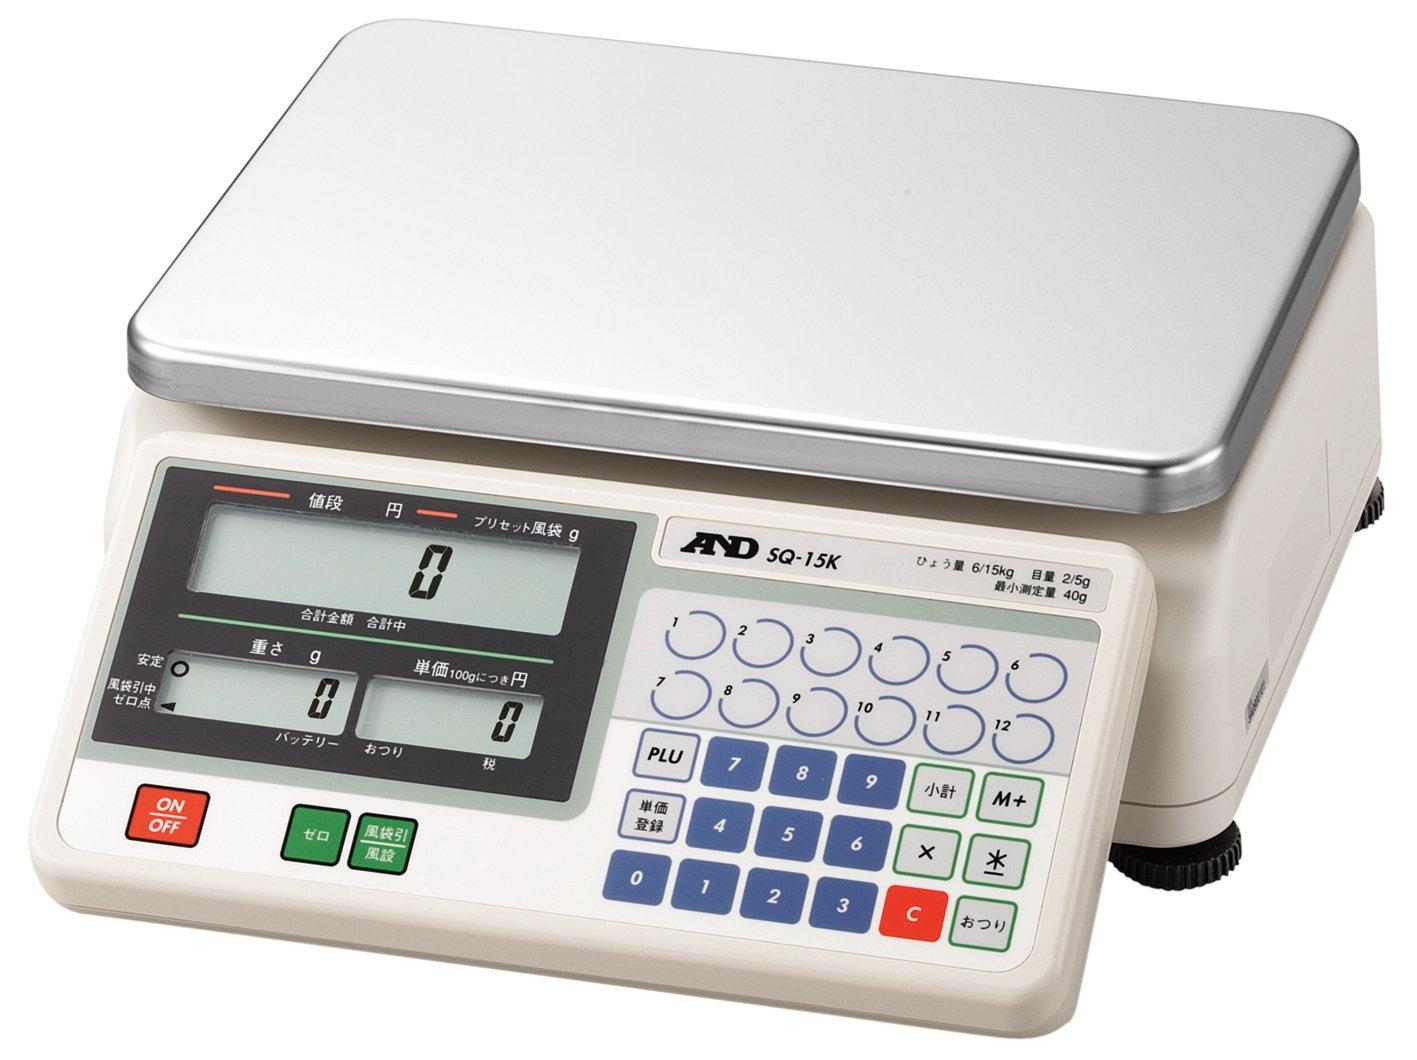 A&D 検定付き店舗用料金はかり SQ-15K ひょう量:15000g 最小表示:2~5g(使用範囲:40~15000g) 皿寸法:300(W)*210(D)mm 検定付:1地域 B0734G5HLY 使用地域区分:1区